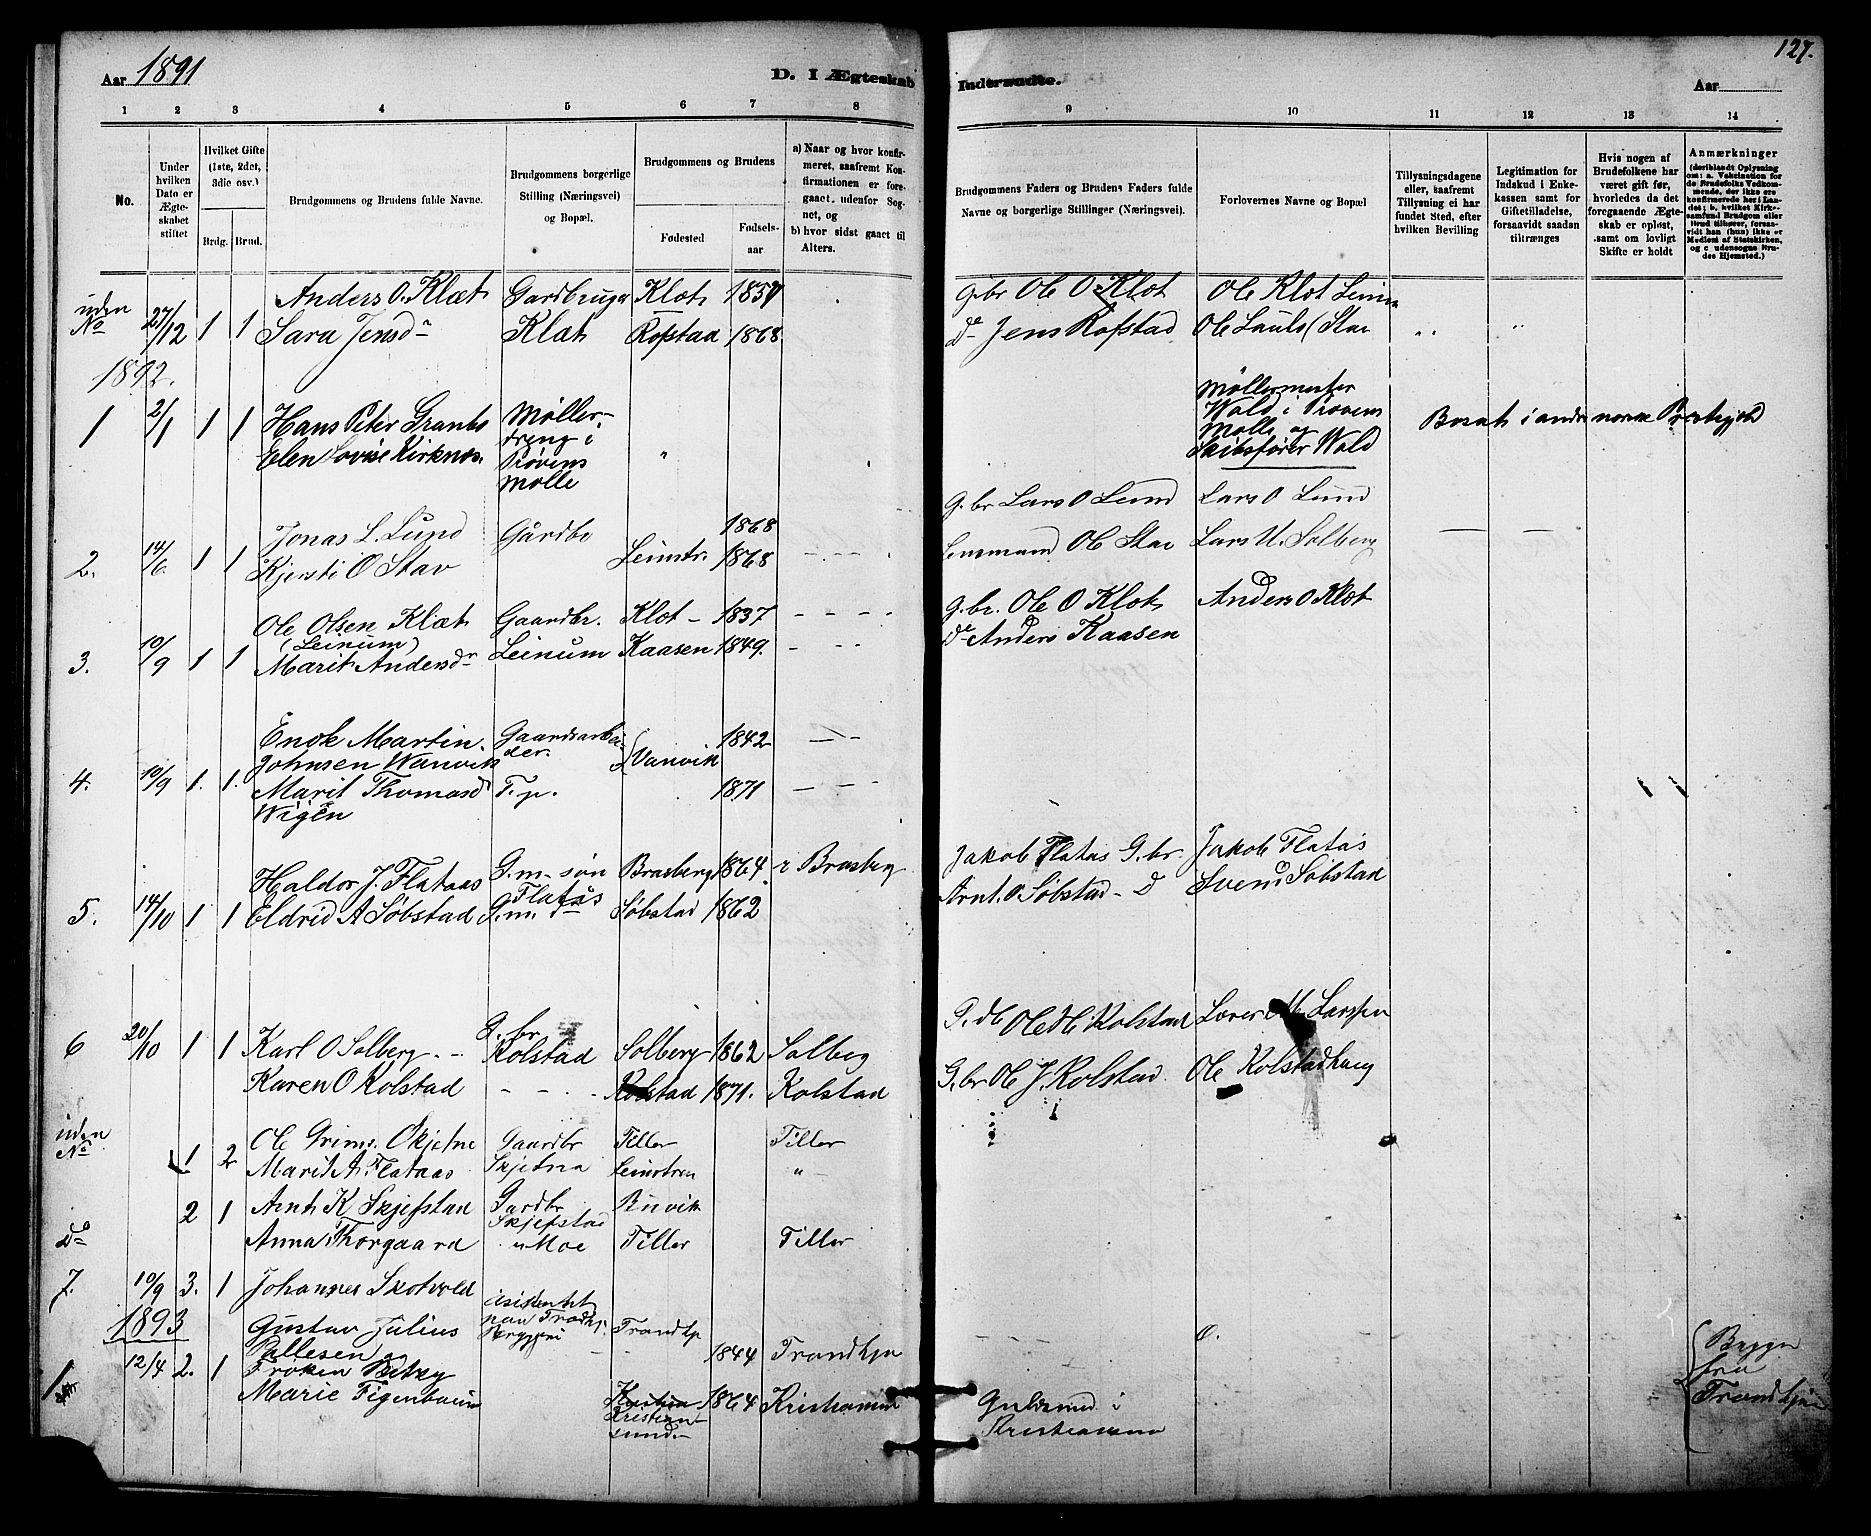 SAT, Ministerialprotokoller, klokkerbøker og fødselsregistre - Sør-Trøndelag, 613/L0395: Klokkerbok nr. 613C03, 1887-1909, s. 127